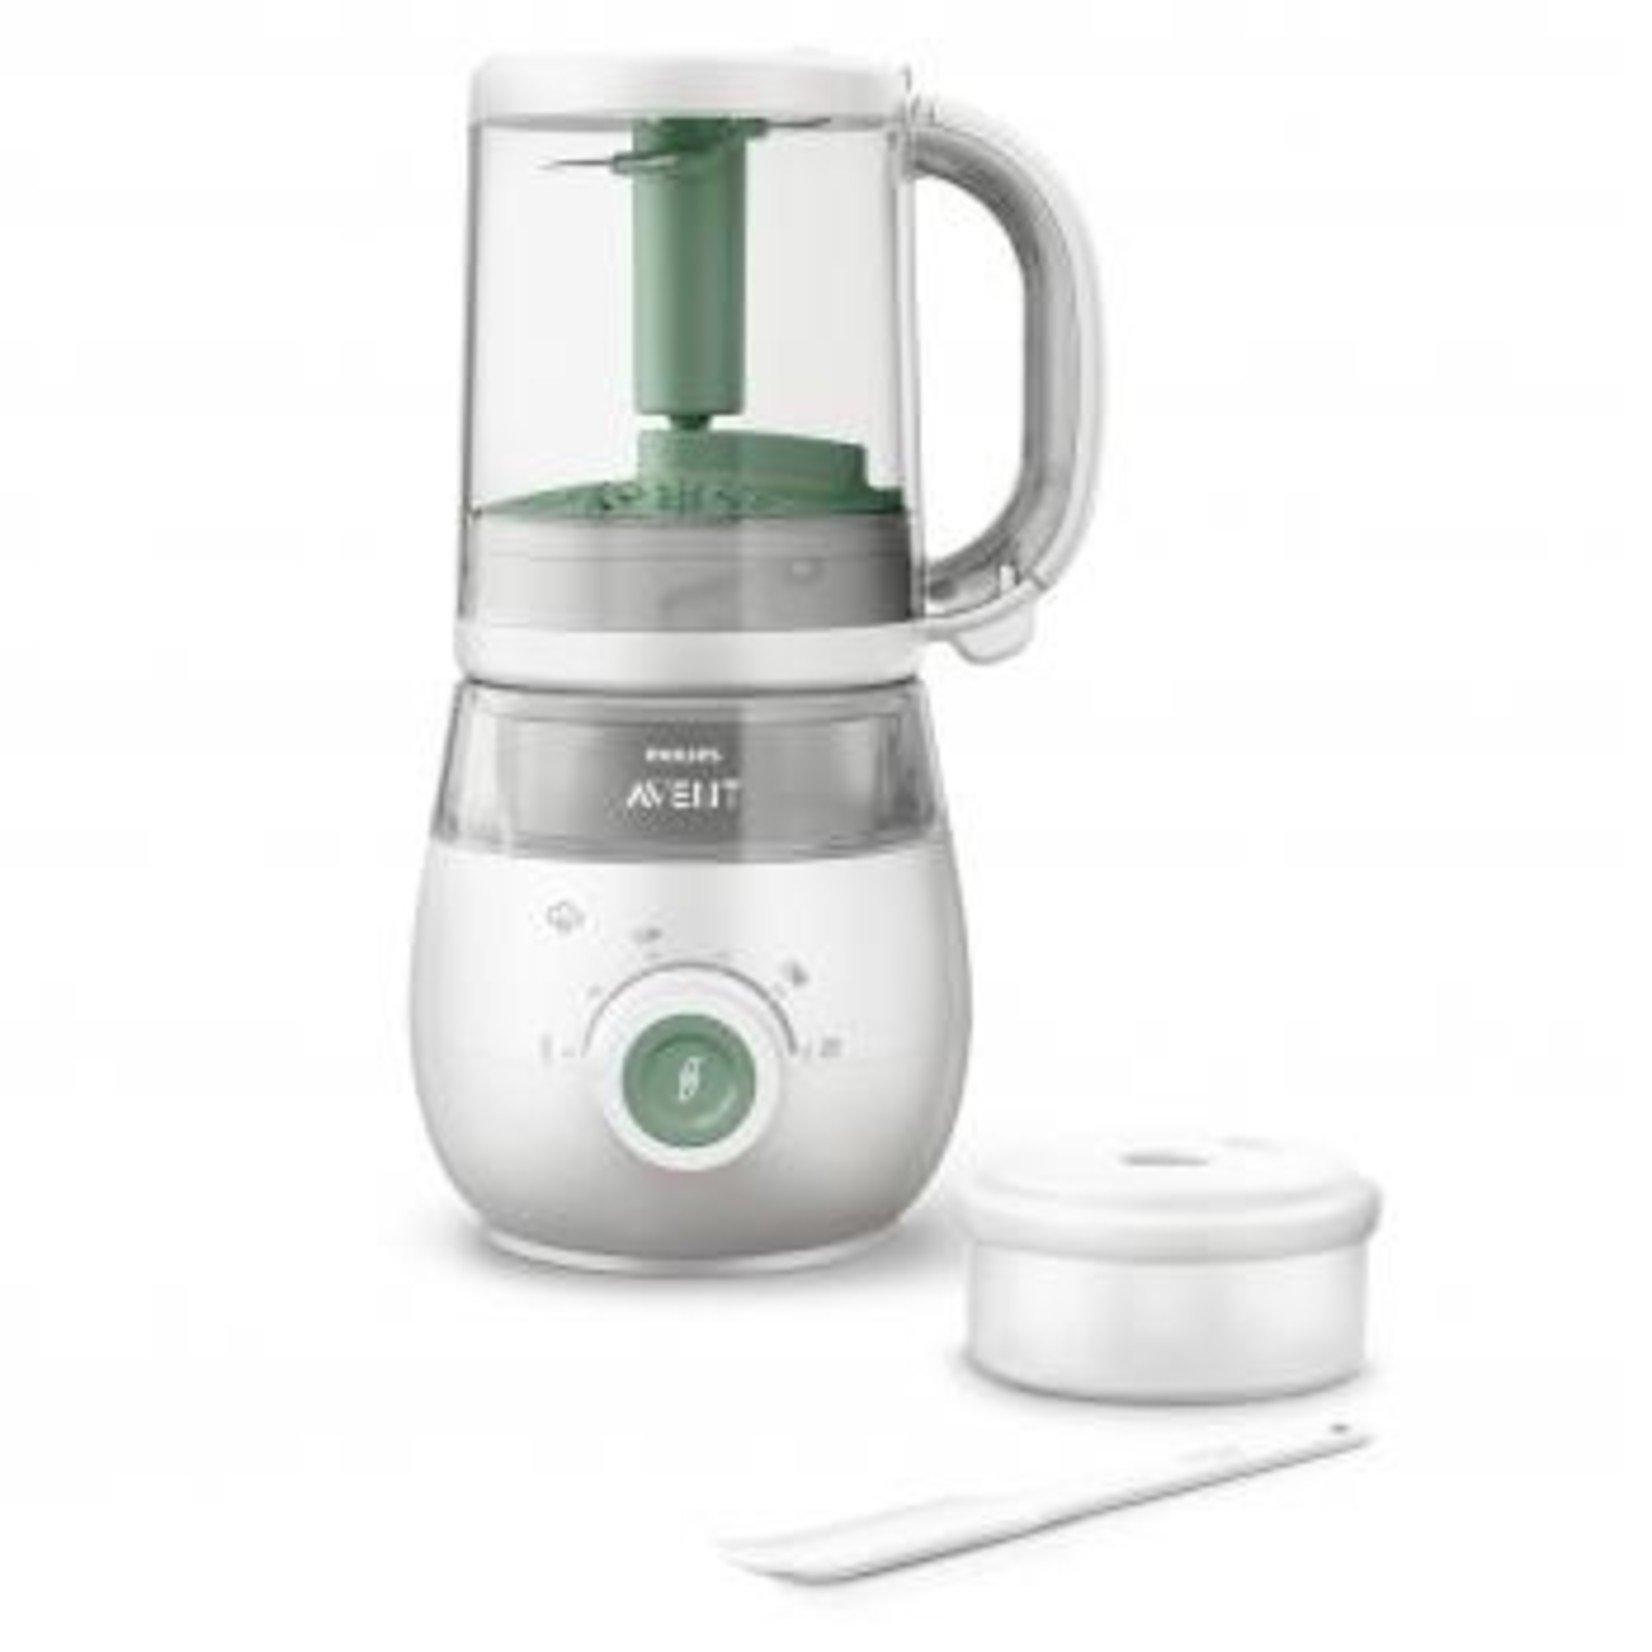 Avent Avent Steamer/blender 4-in-1 groen